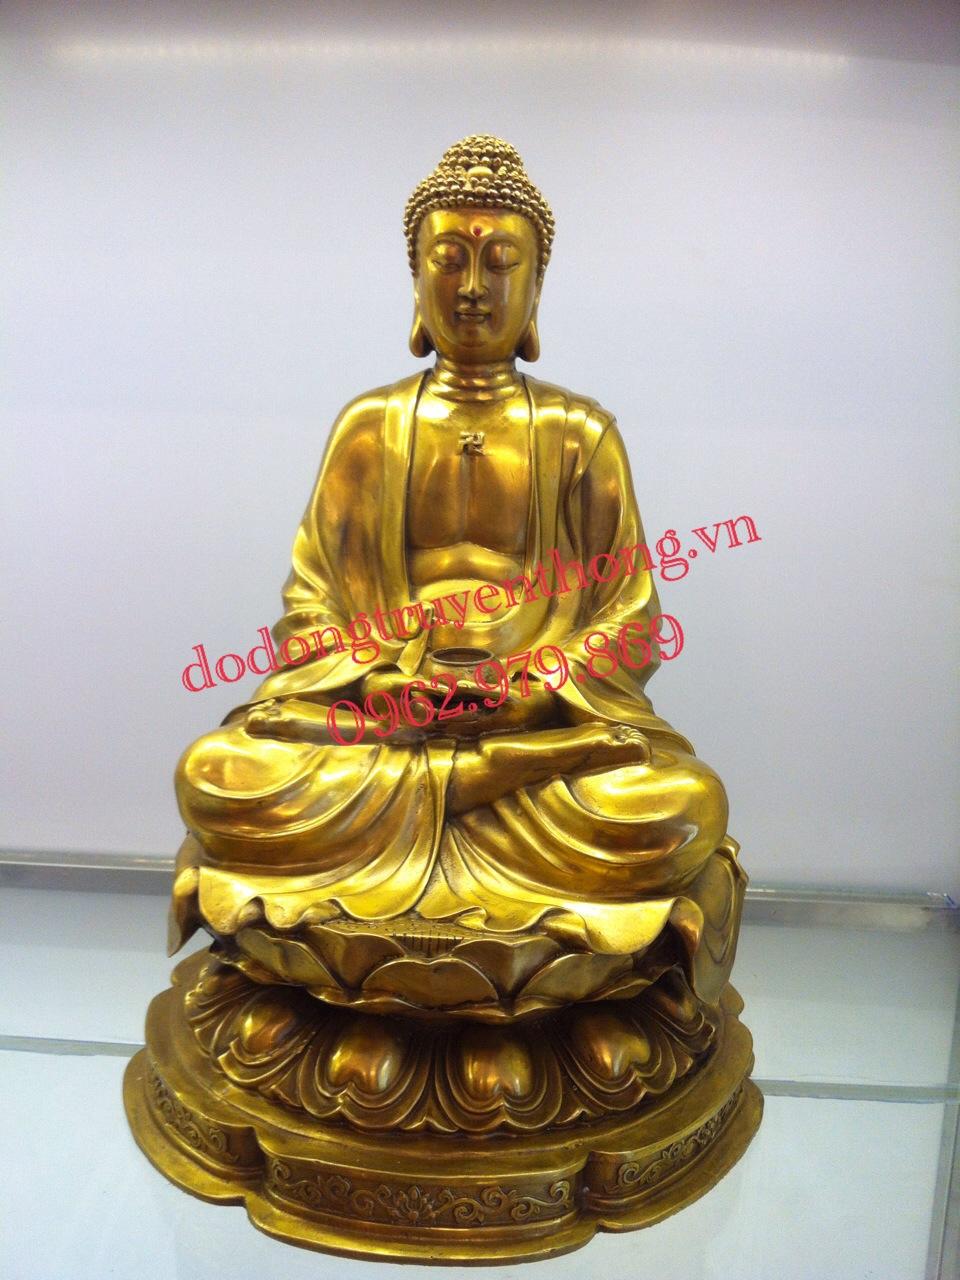 Một số mẫu tượng đồng thường được dùng trong thờ cúng